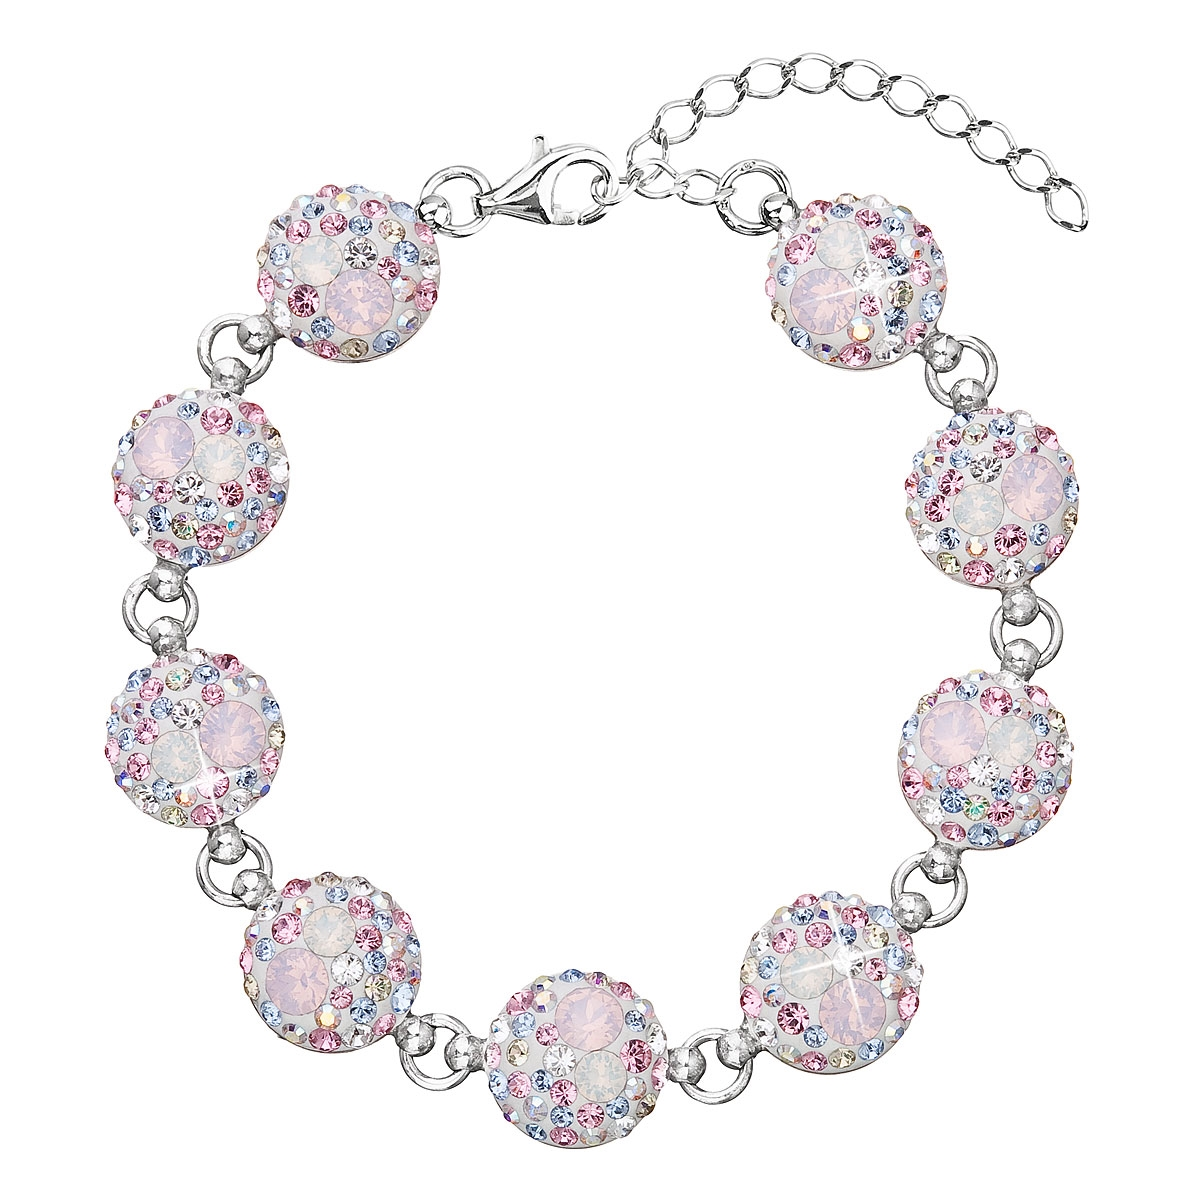 Stříbrný náramek s krystaly Crystals from Swarovski®, Magic Rose EG7004-MR